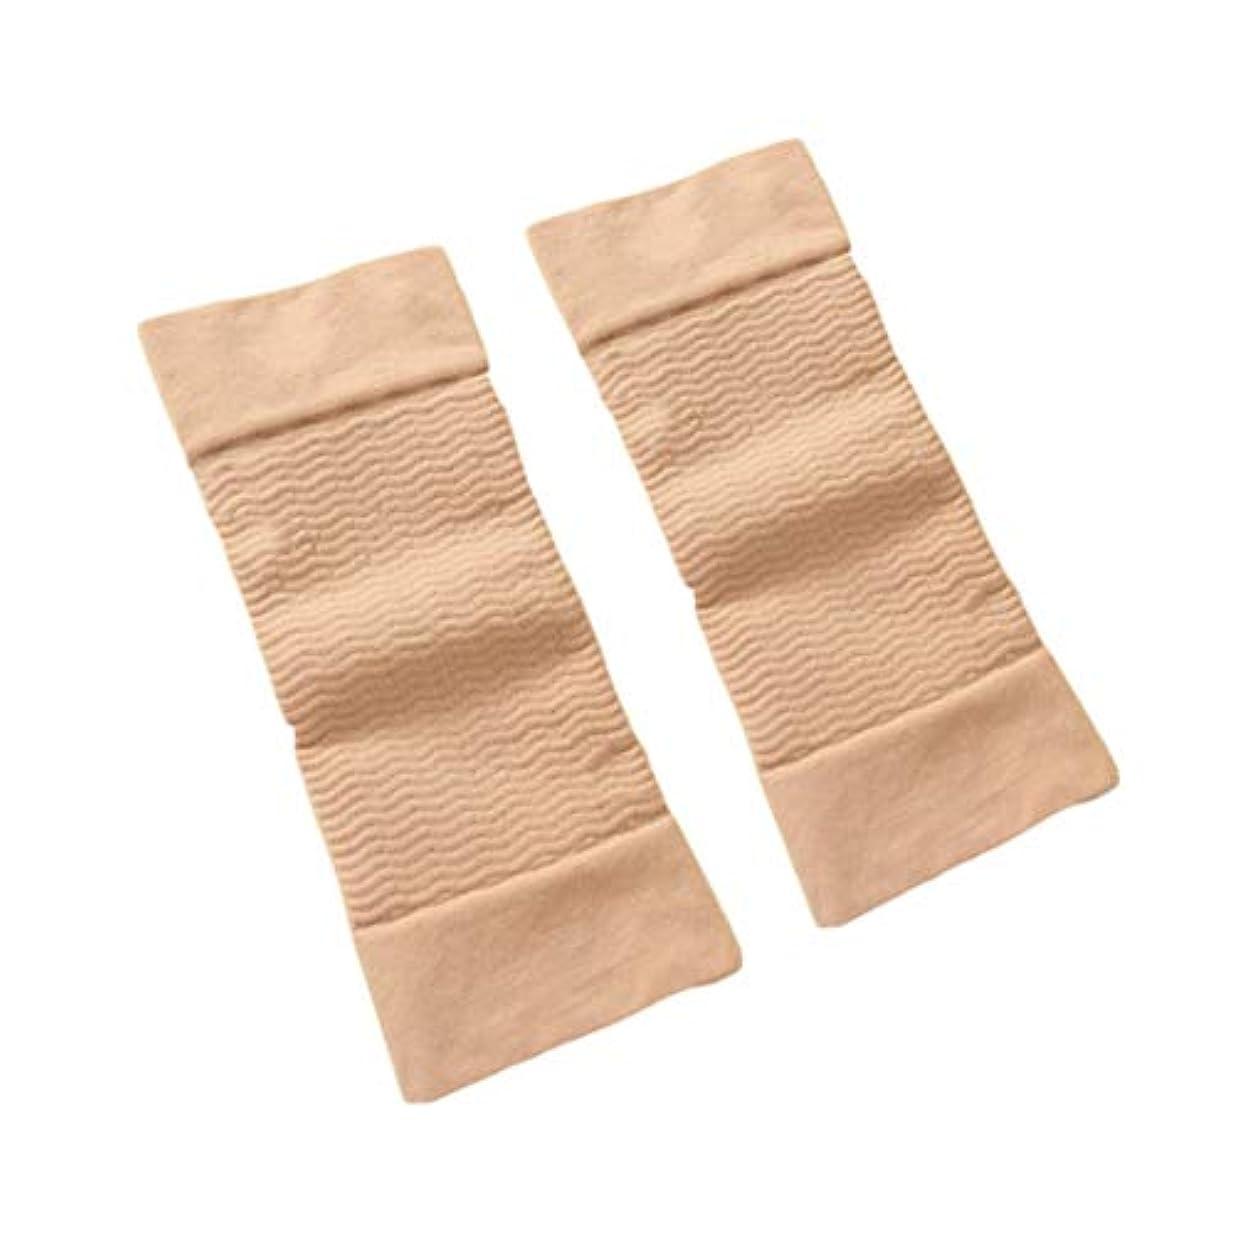 鋭く秘書パニック1組420D圧縮Slim身アームスリーブワークアウトトーニングバーンセルライトシェイパー脂肪燃焼スリーブ女性用(肌色)